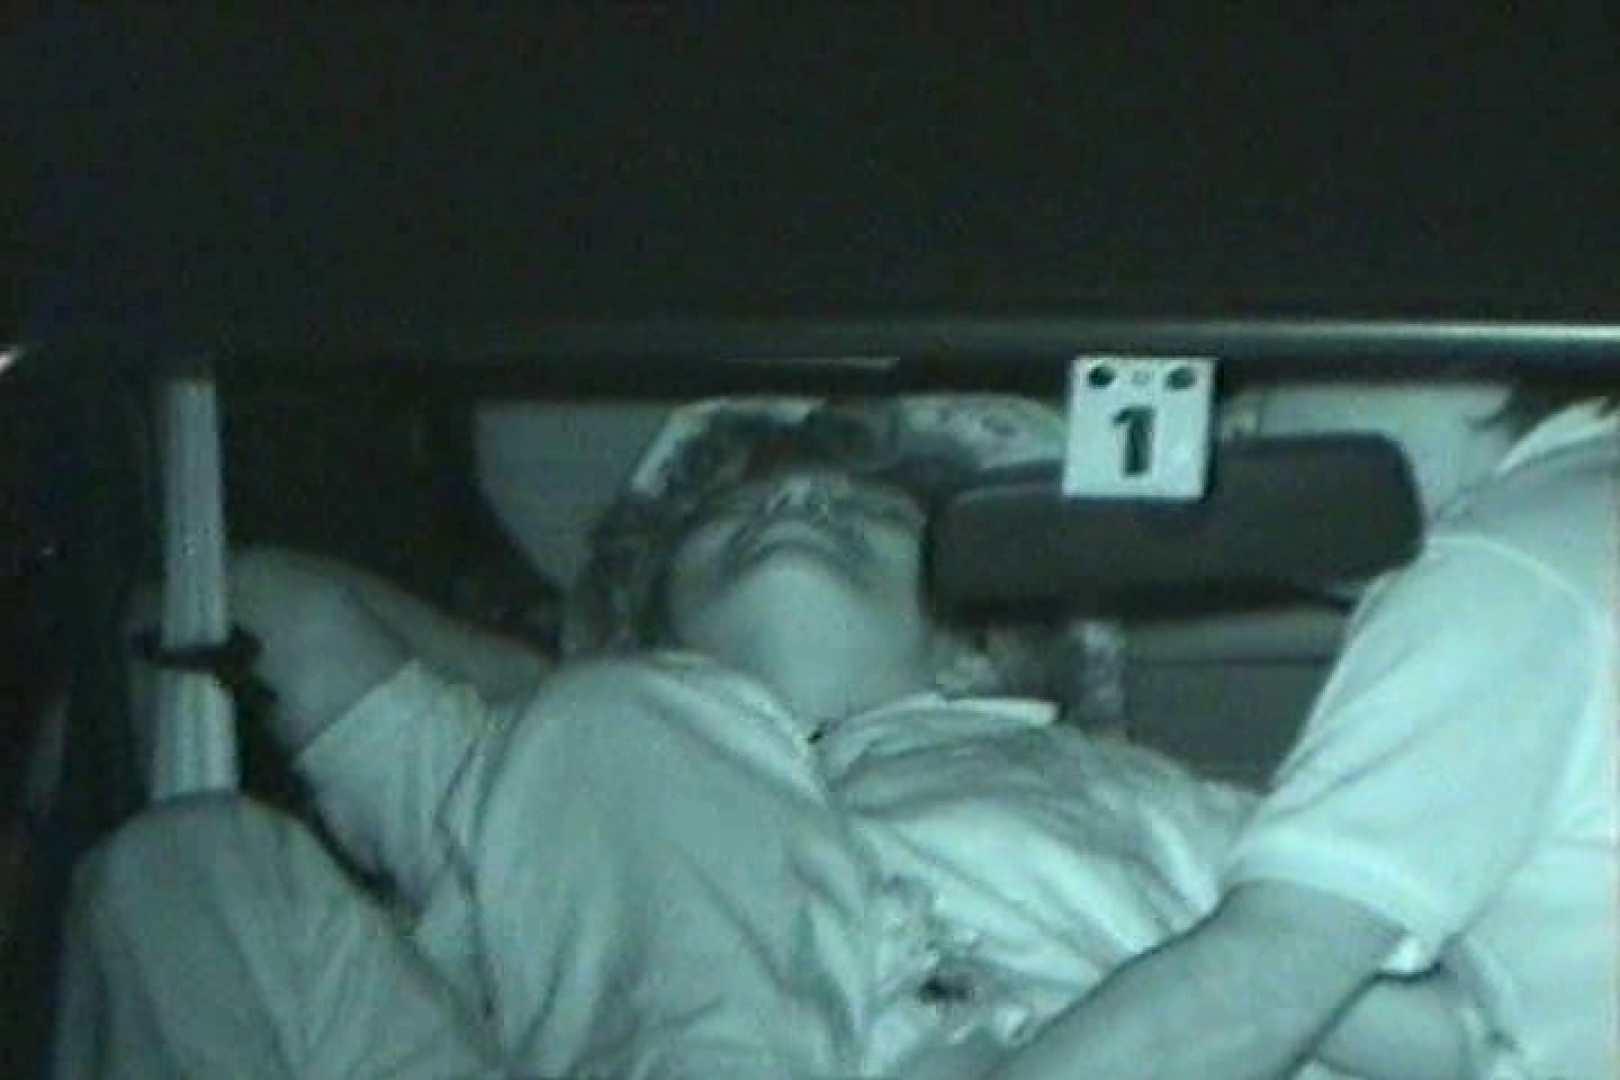 車の中はラブホテル 無修正版  Vol.24 エロティックなOL 盗み撮り動画 102画像 93